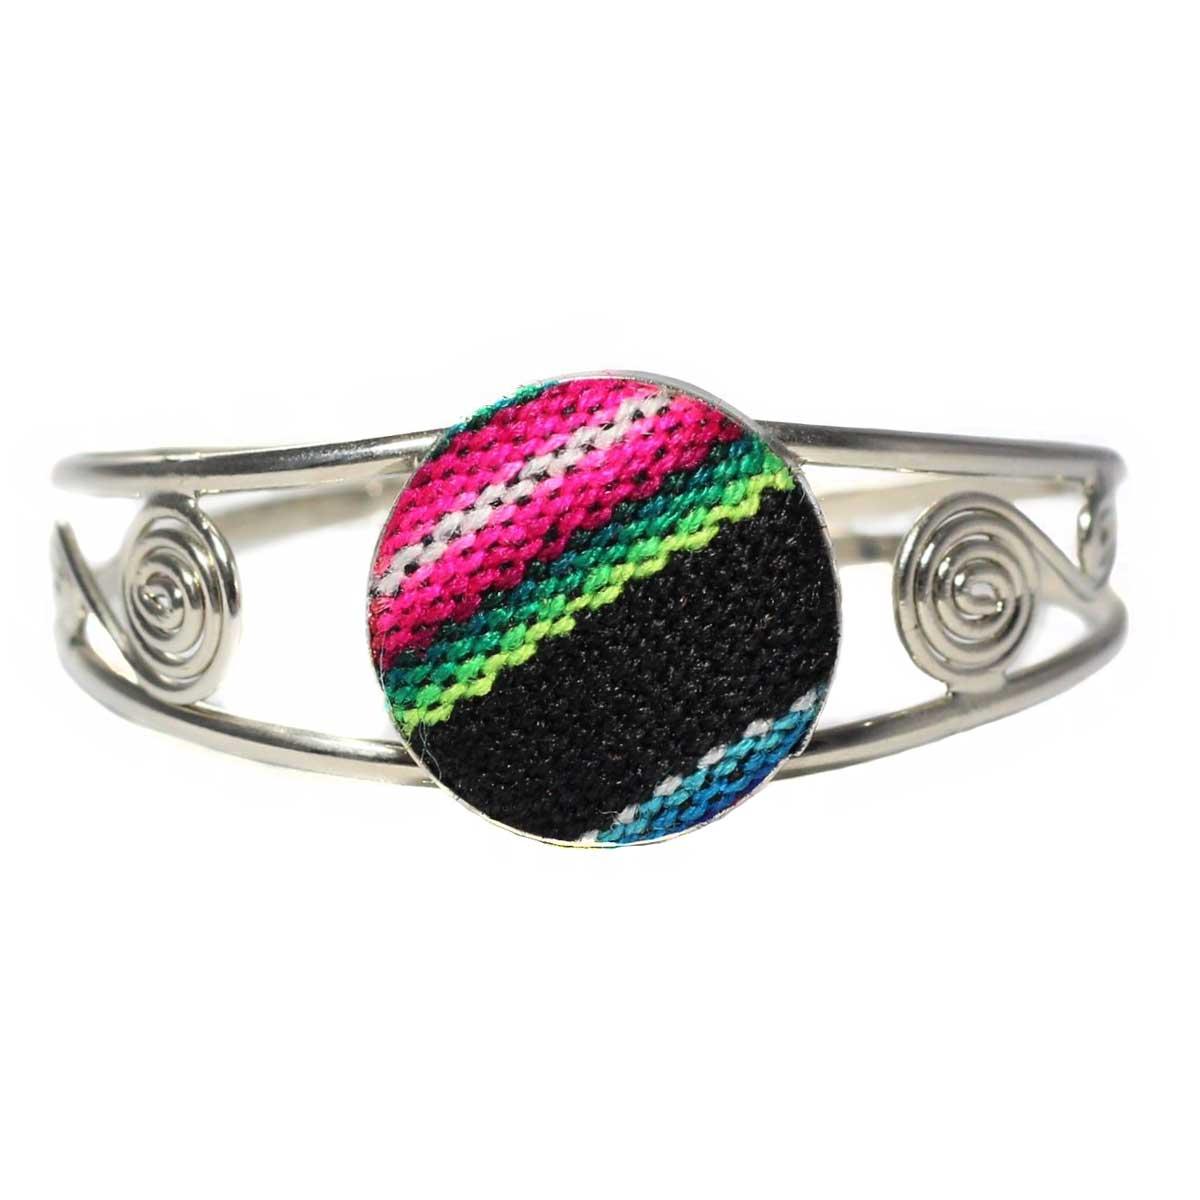 Inka-Products-Bracelet en Métal Argenté Péruvien-Tissu Traditionnel Andin Noir Coloré